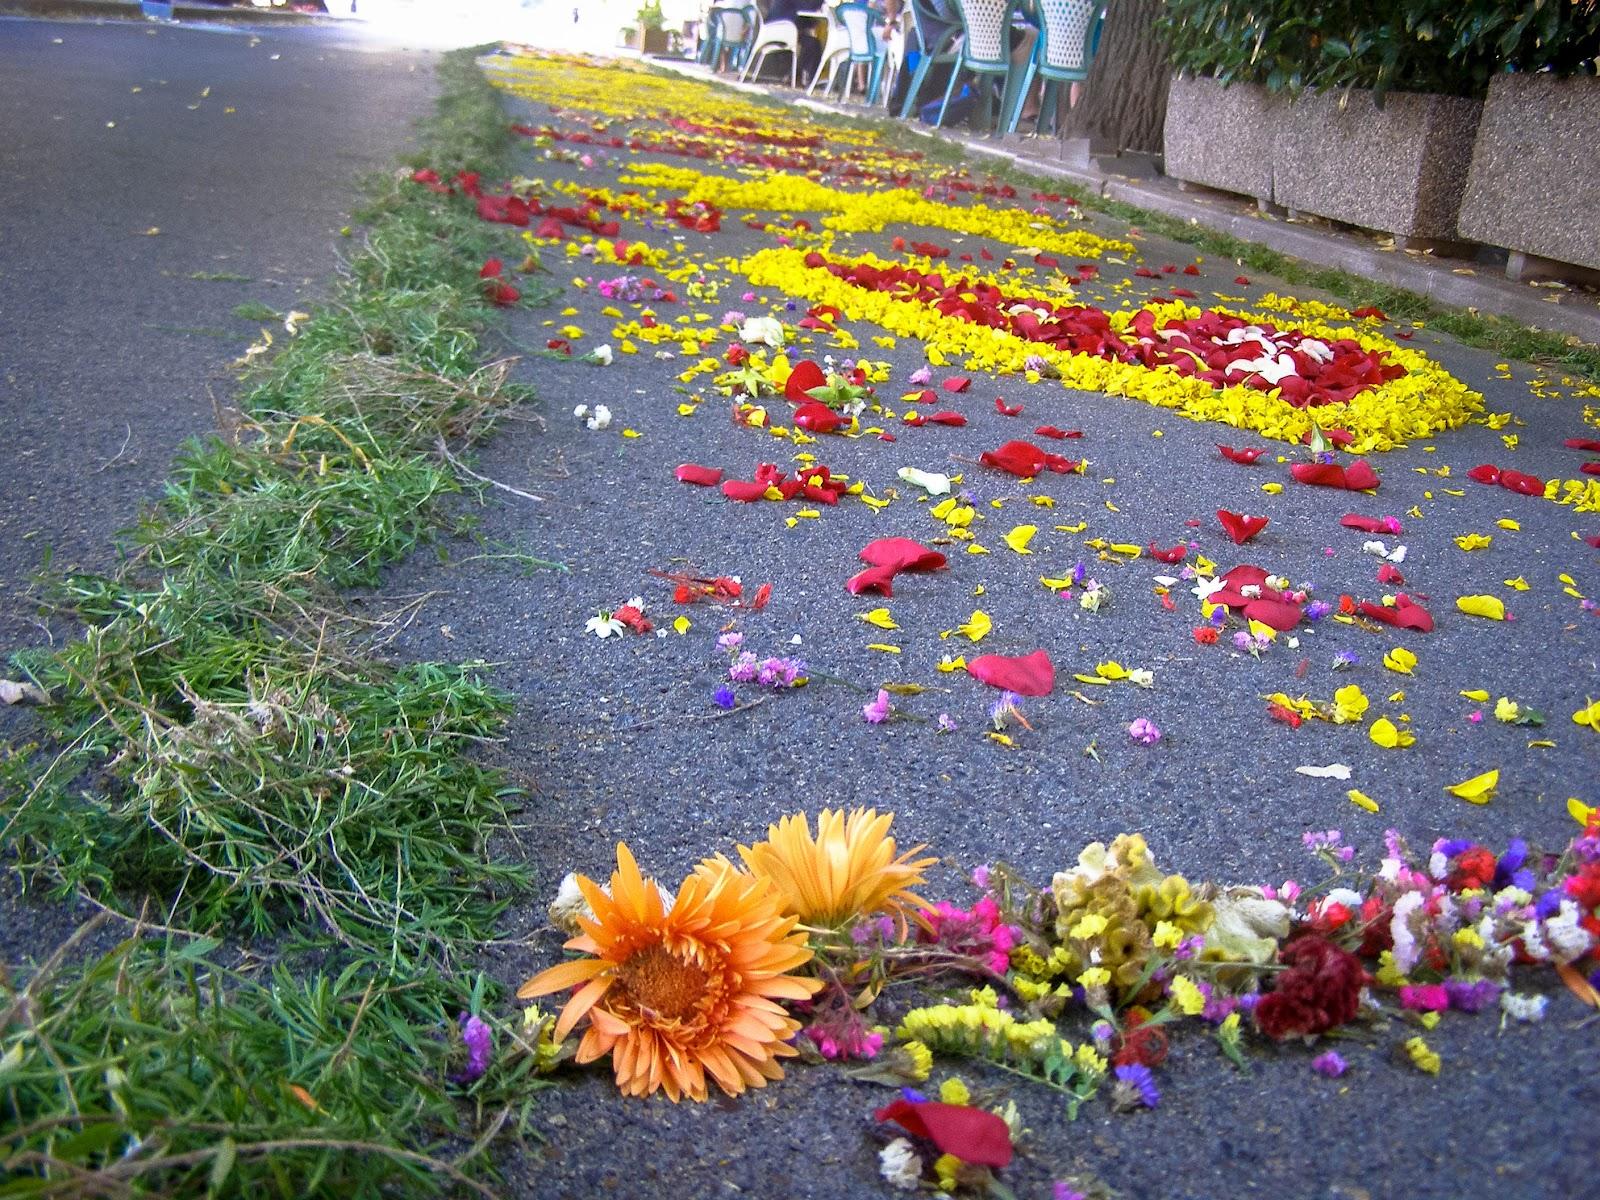 La Tavola Marche La Fiorita Millions of Flower Petals Cover the Cobblestone